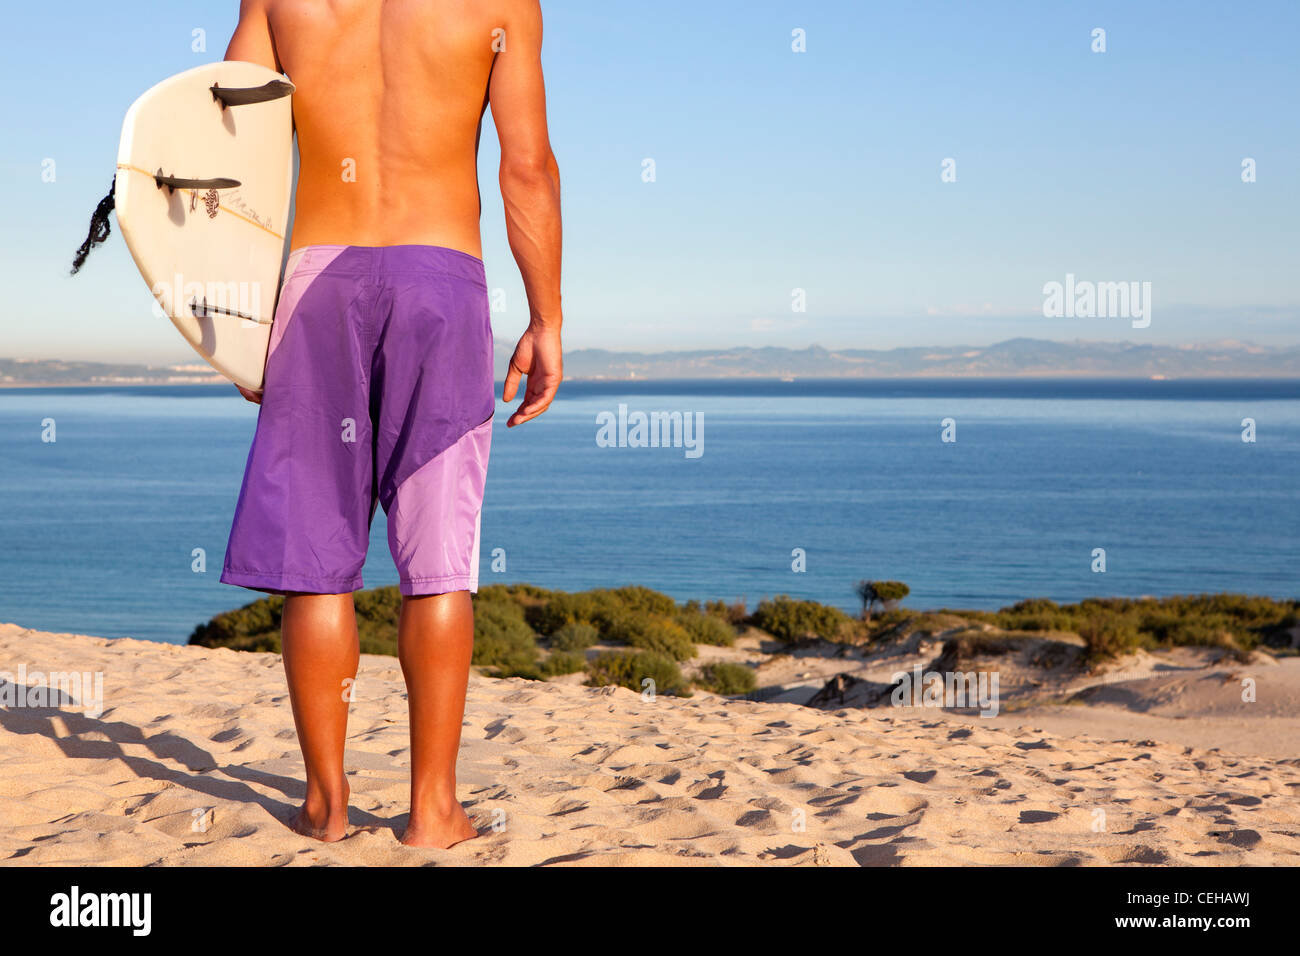 Surfer sulla sabbia Immagini Stock